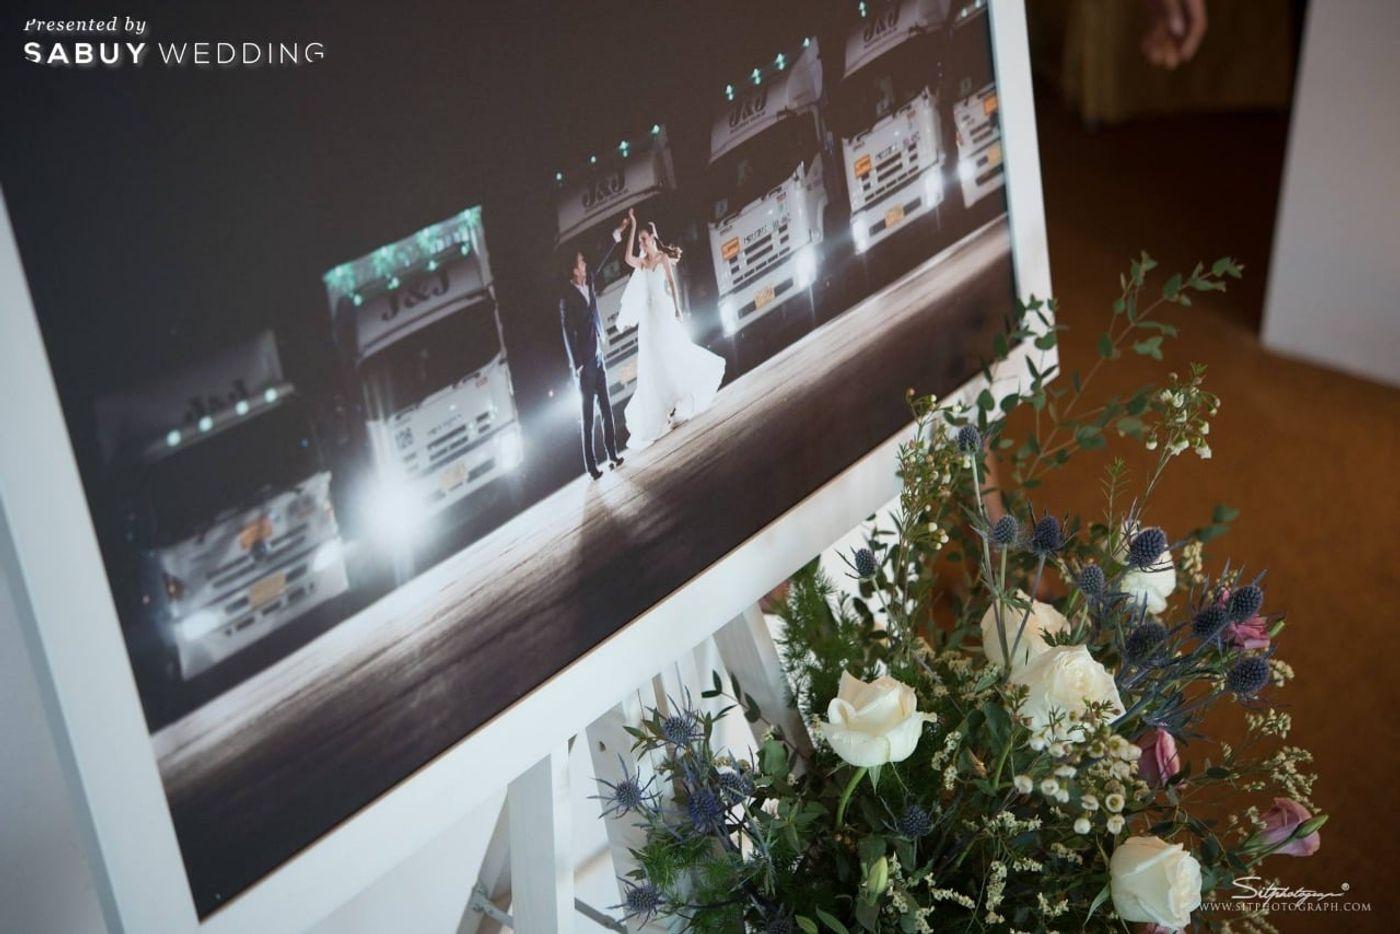 แกลอรี่งานแต่ง,จัดดอกไม้งานแต่ง รีวิวงานแต่งแห่งปีของอยุธยา หรูหราด้วยโทนสี Rose Gold @Krungsri River Hotel